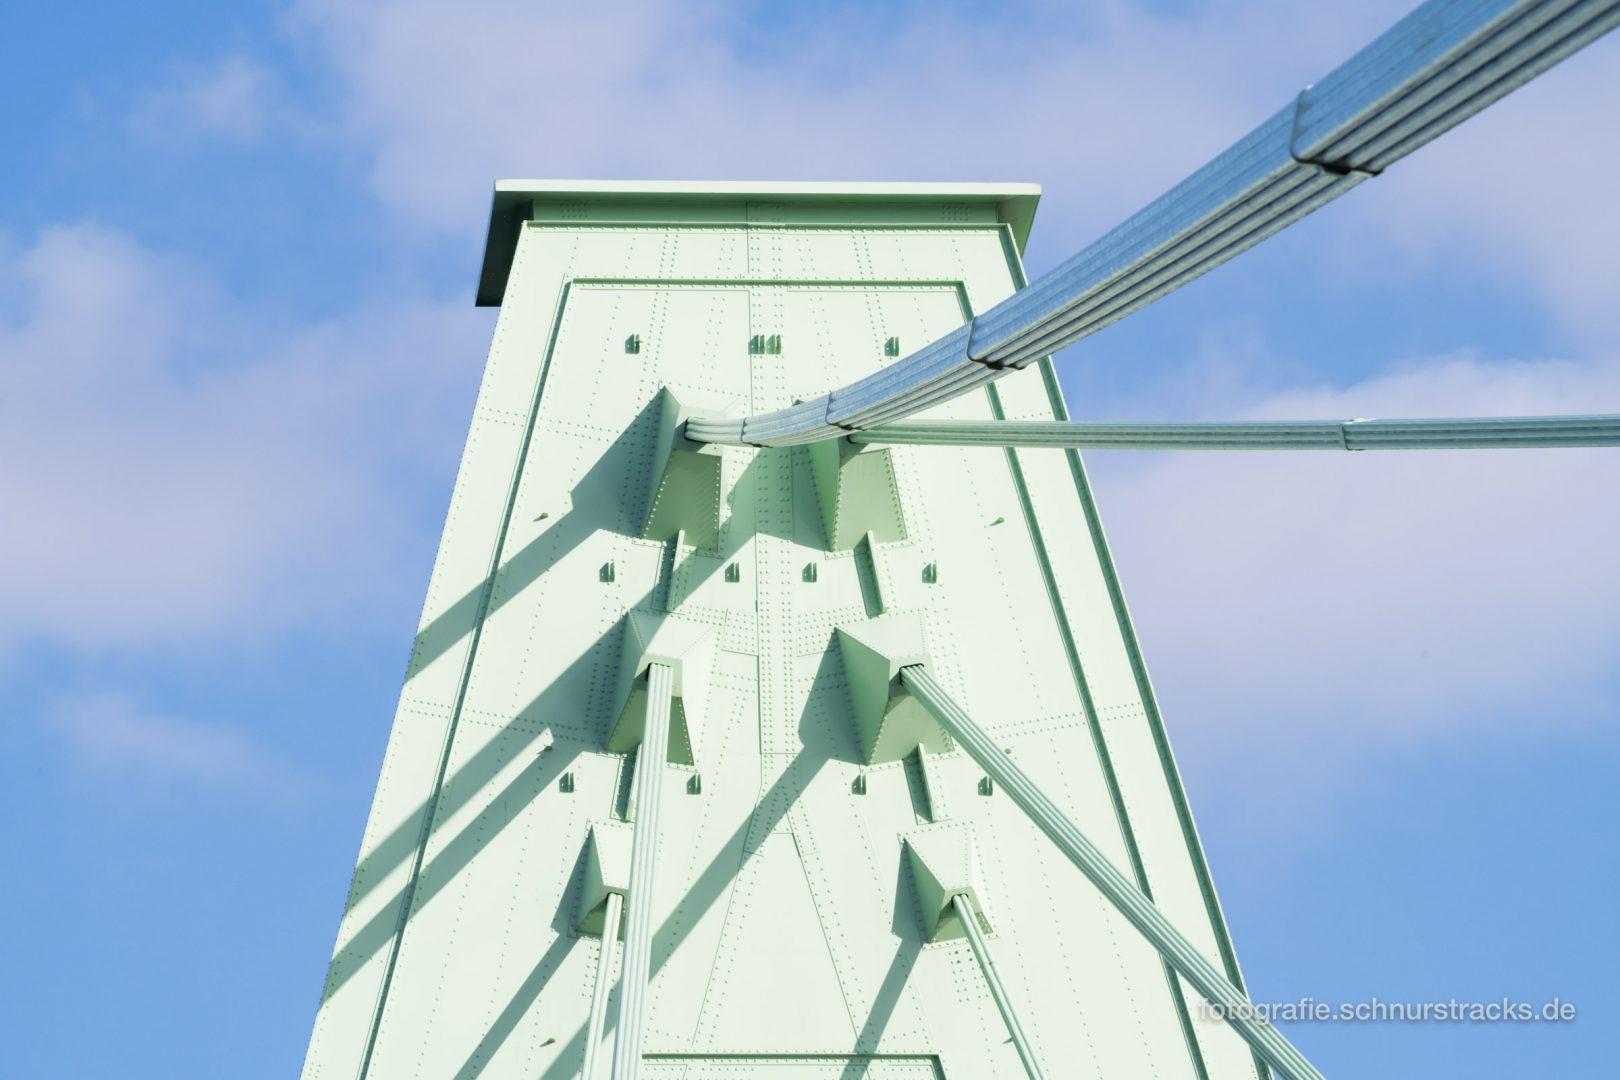 Pylonspitze der Severinsbrücke #1126